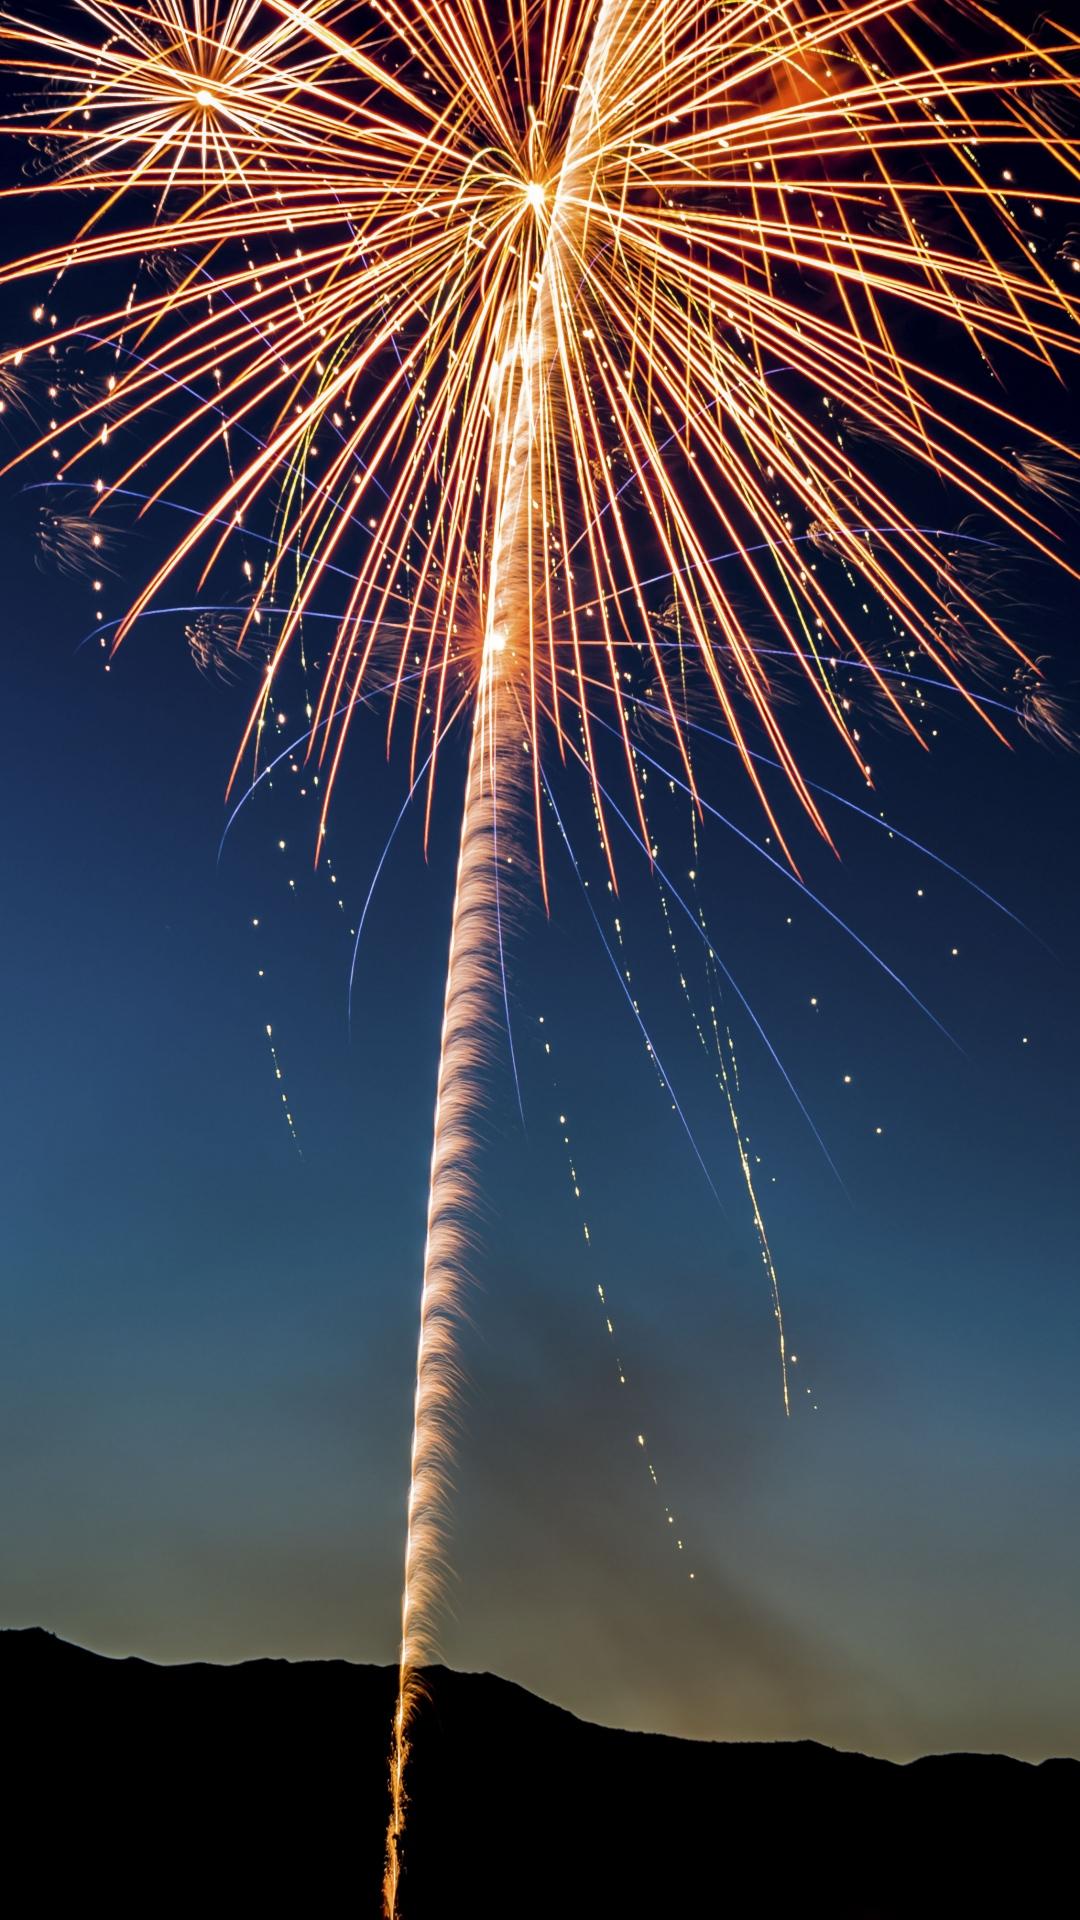 iphone wallpaper salute fireworks holiday 3Wallpapers : notre sélection de fonds décran du 29/08/2017